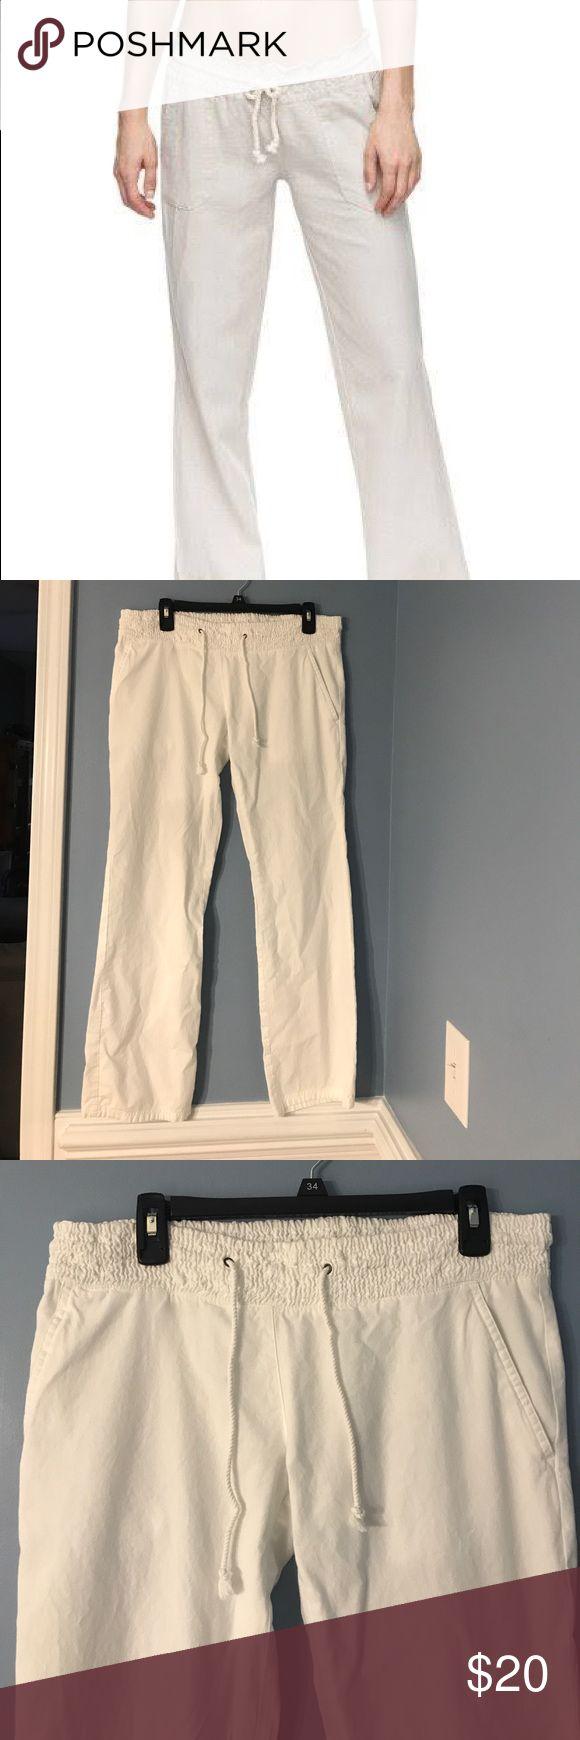 Hurley Linen White Beach Pants Adorable and comfortable Hurley white linen beach pants. Never worn, like new! Hurley Pants